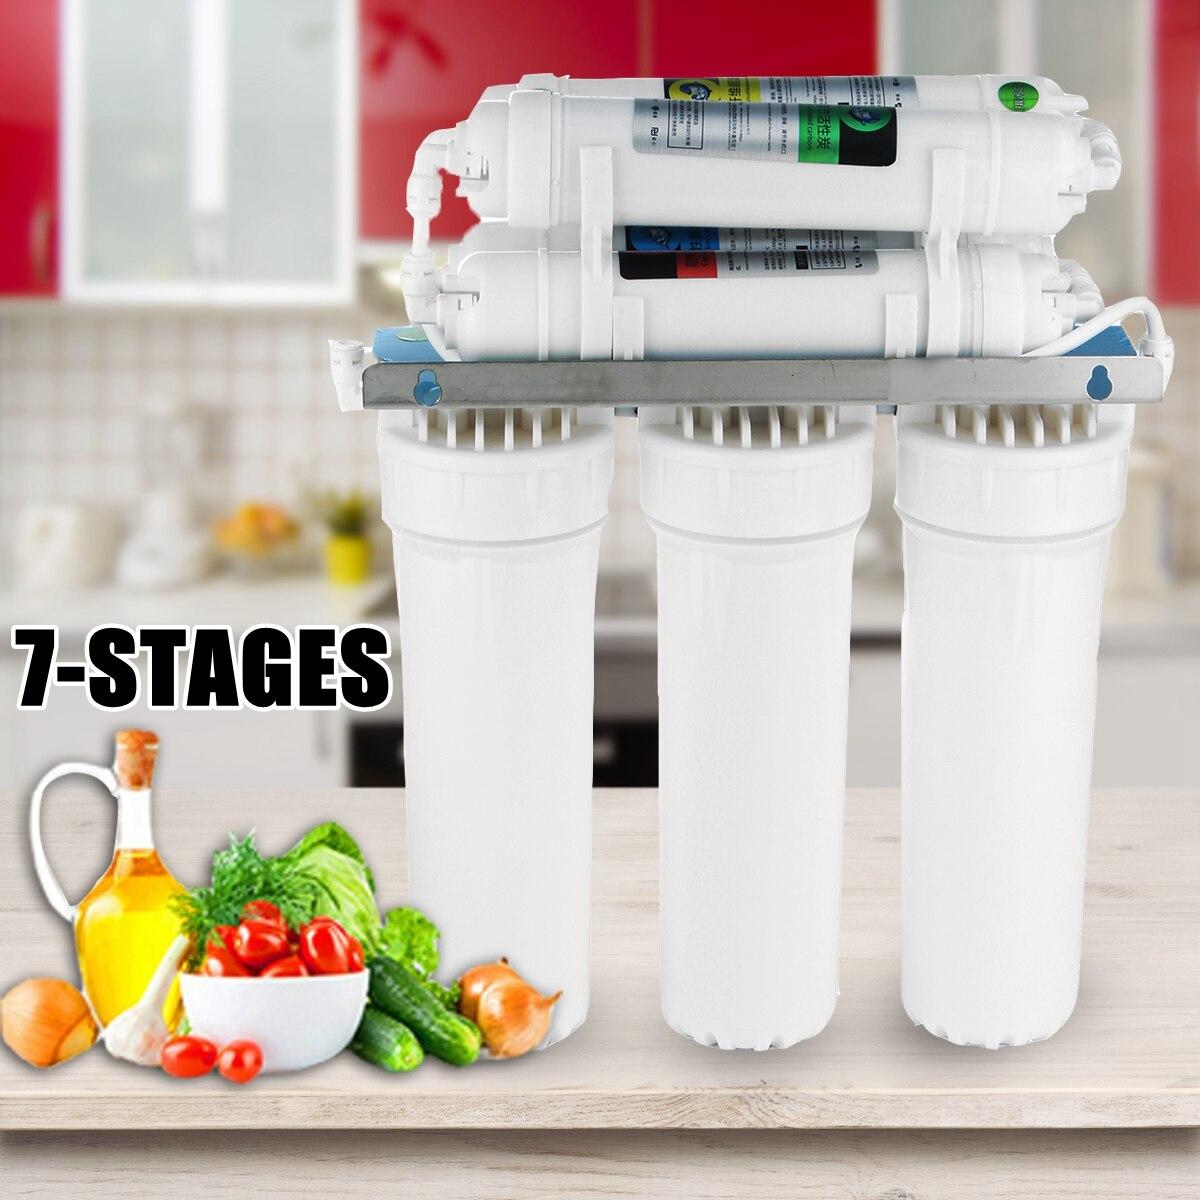 7 стадии фильтр для воды Системы питьевой ультрафильтрации Системы дома Кухня очиститель фильтры для воды с кран Водопровод